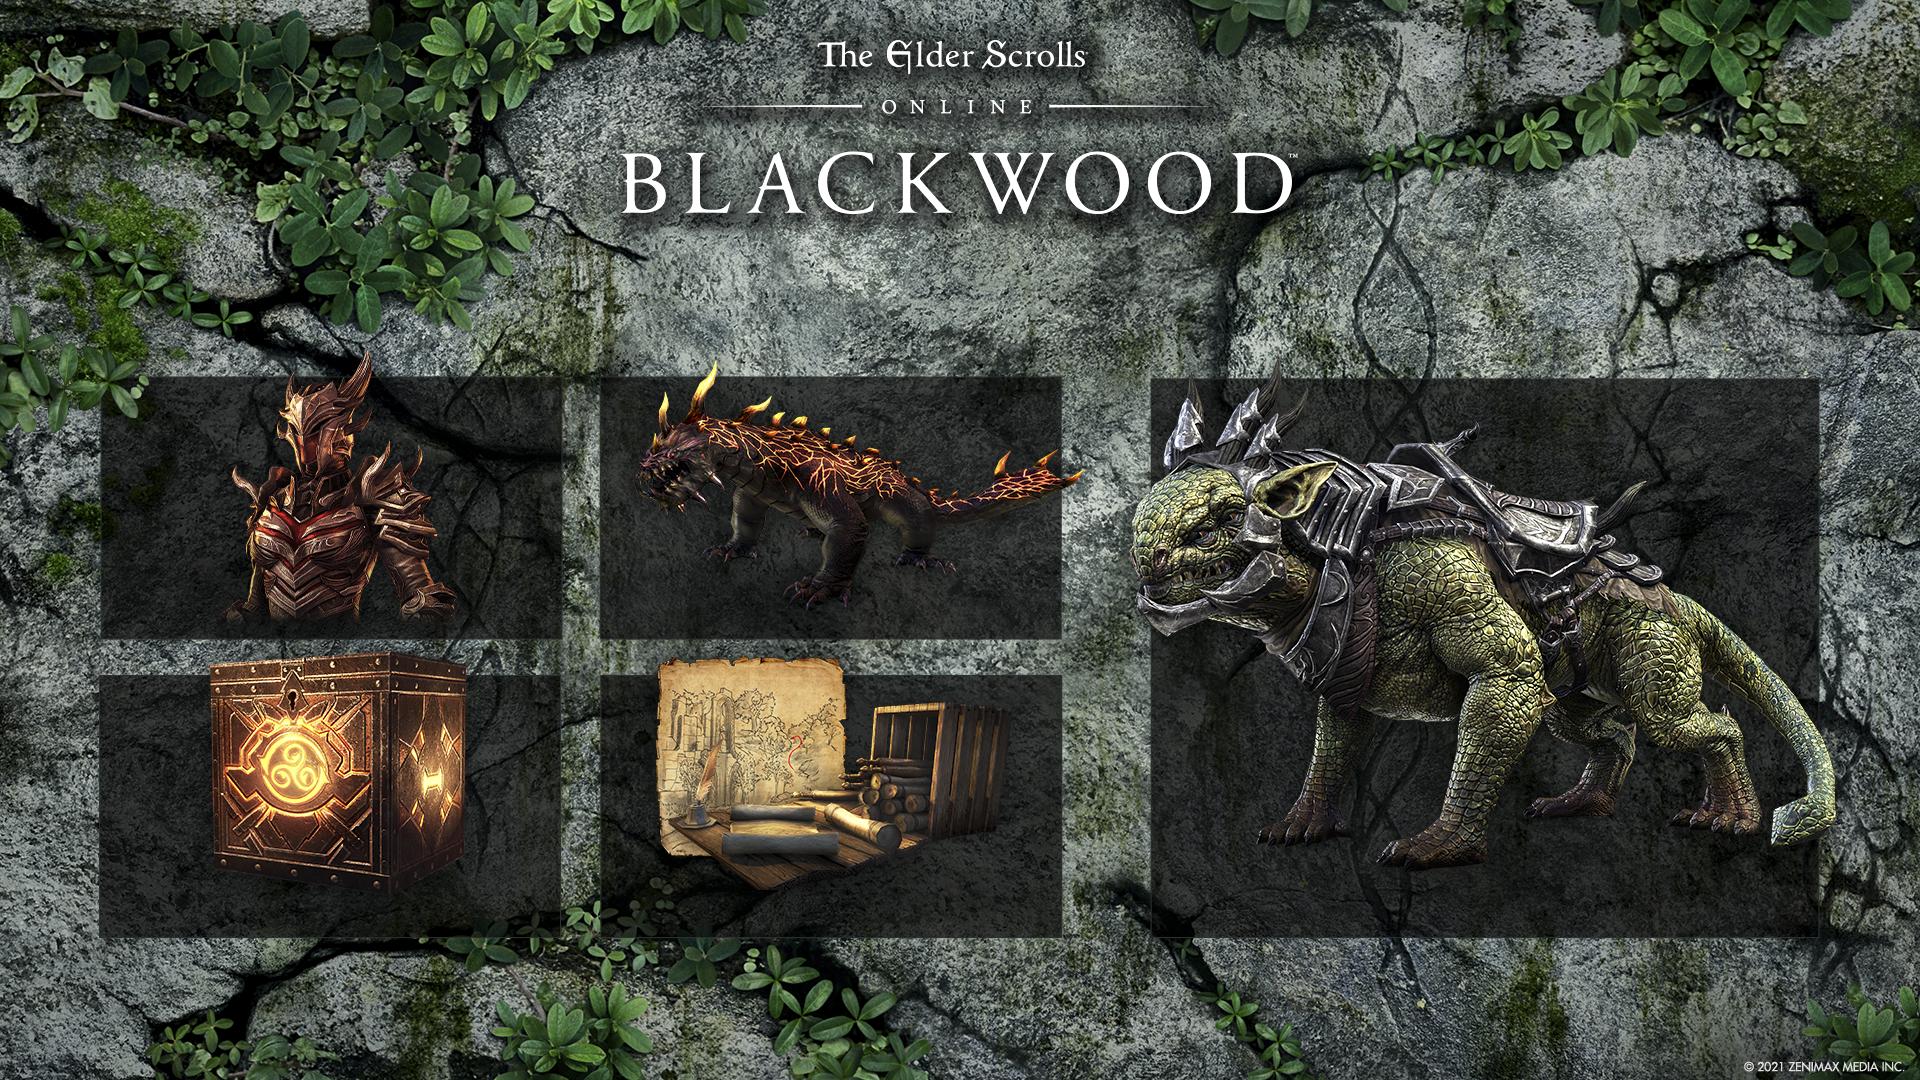 Elder Scrolls Online: Blackwood - pre-order incentives image